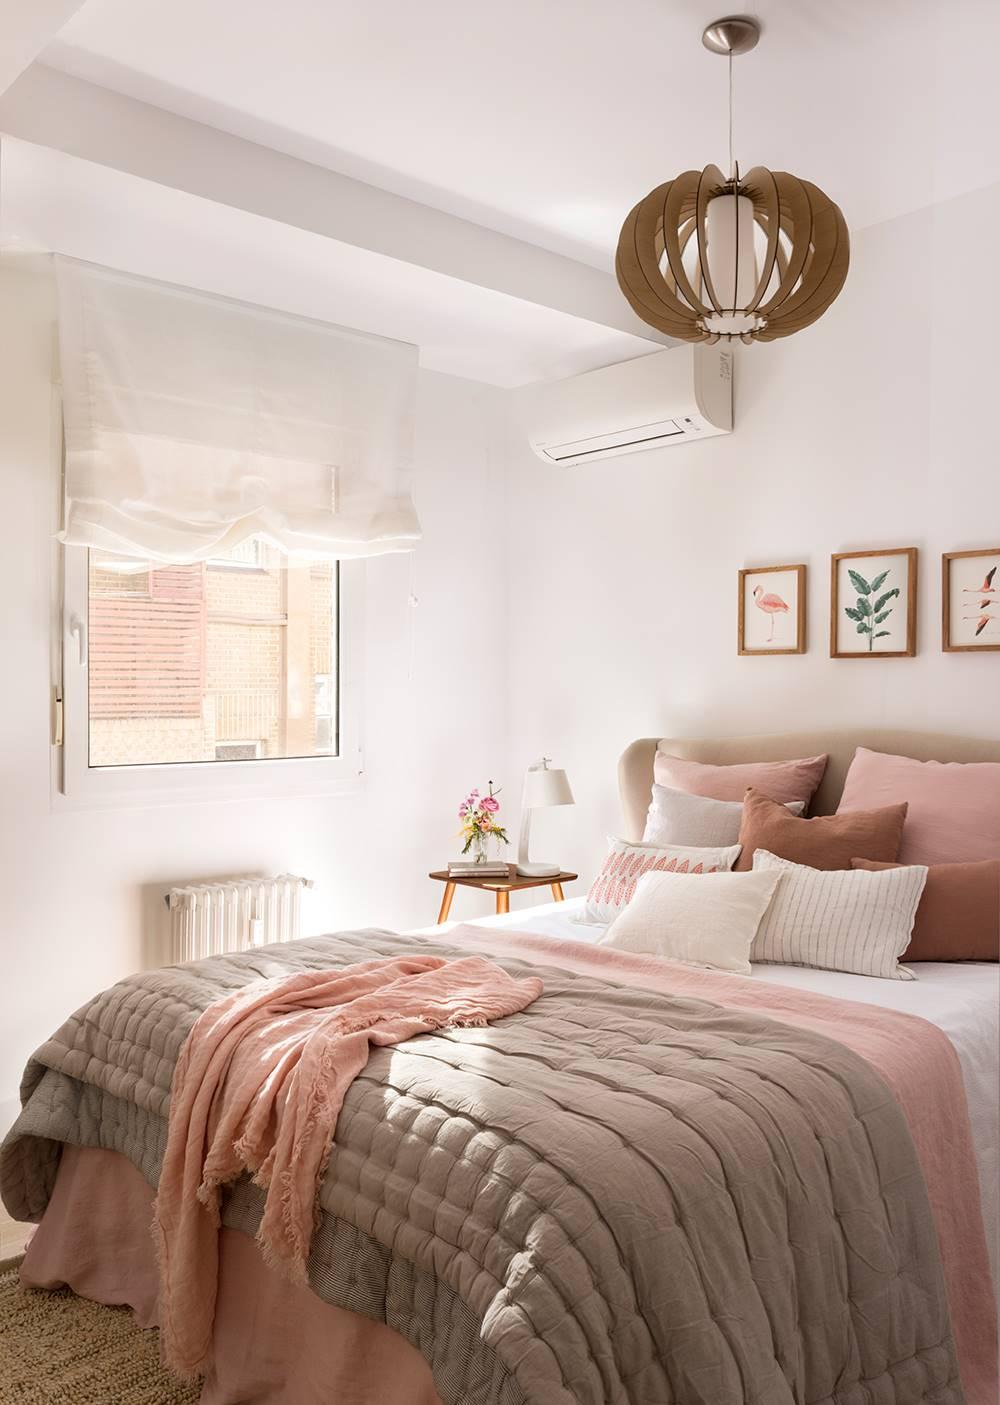 Dormitorio con aire acondicionado 粉色出agp的卧室